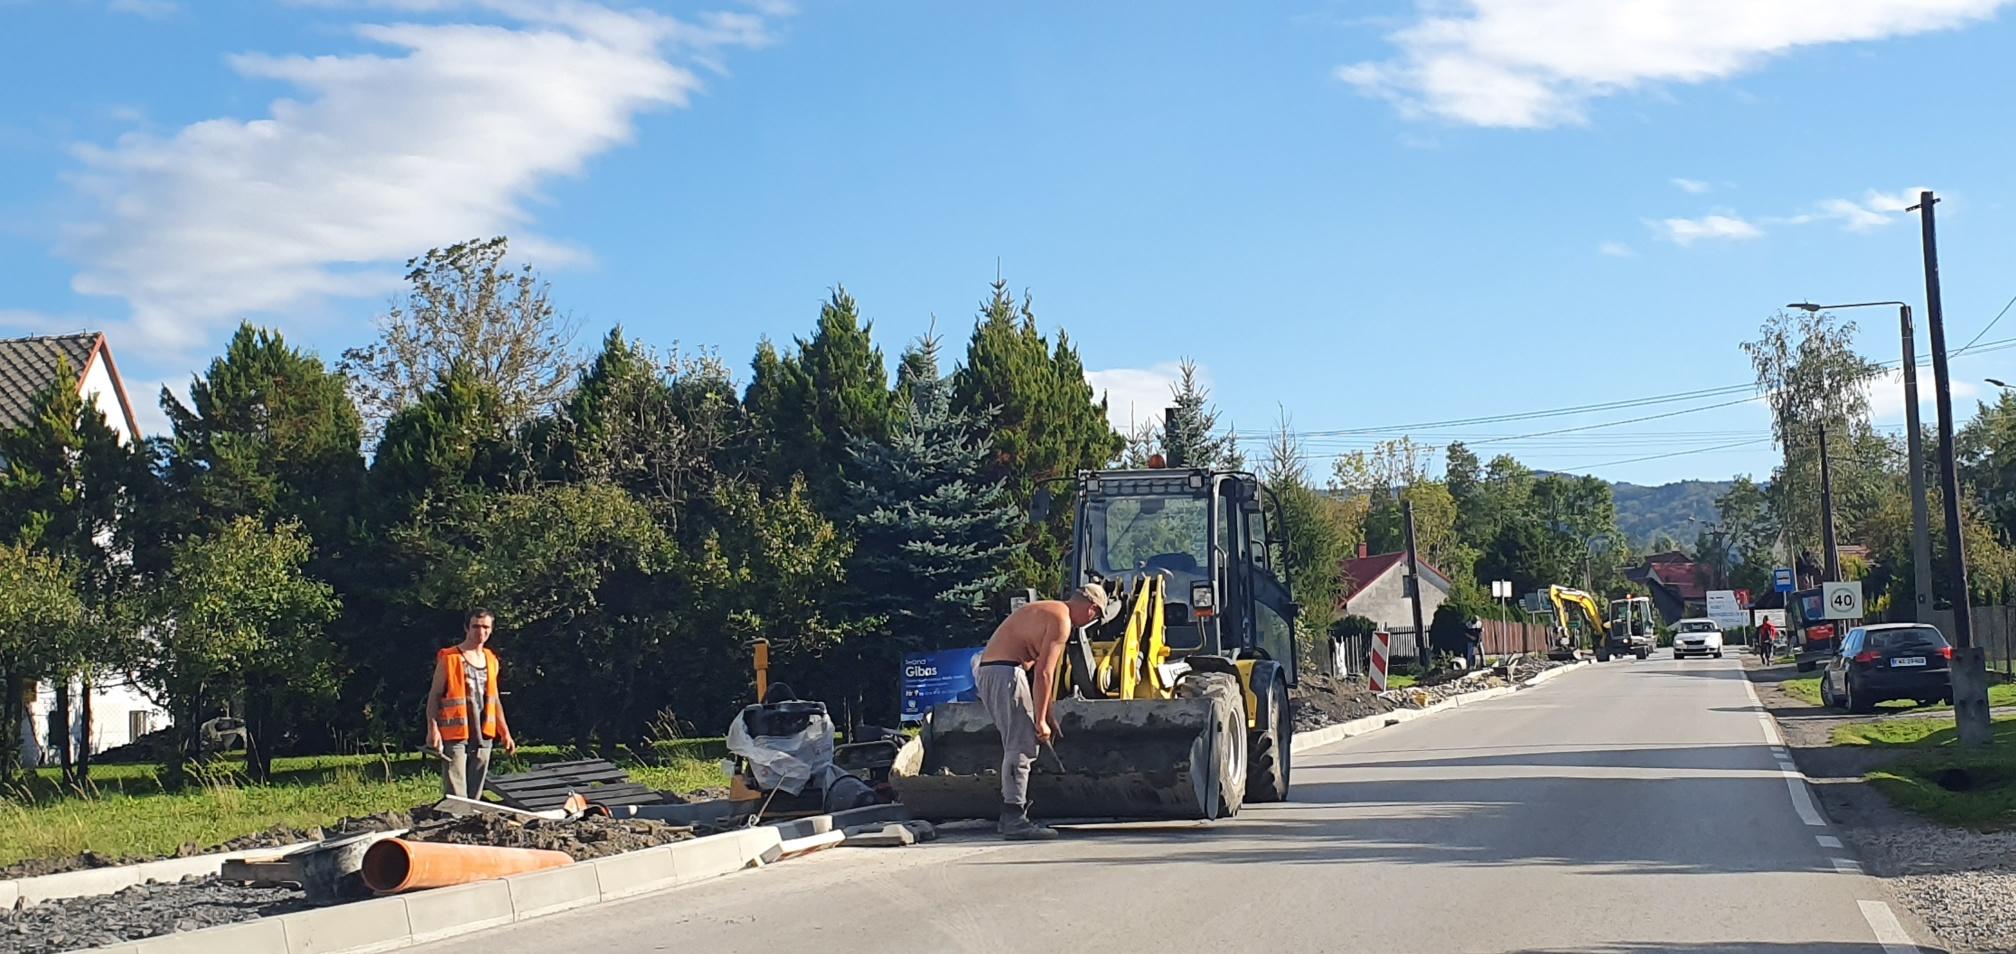 Buduje się chodnik przy ruchliwej drodze [FOTO]